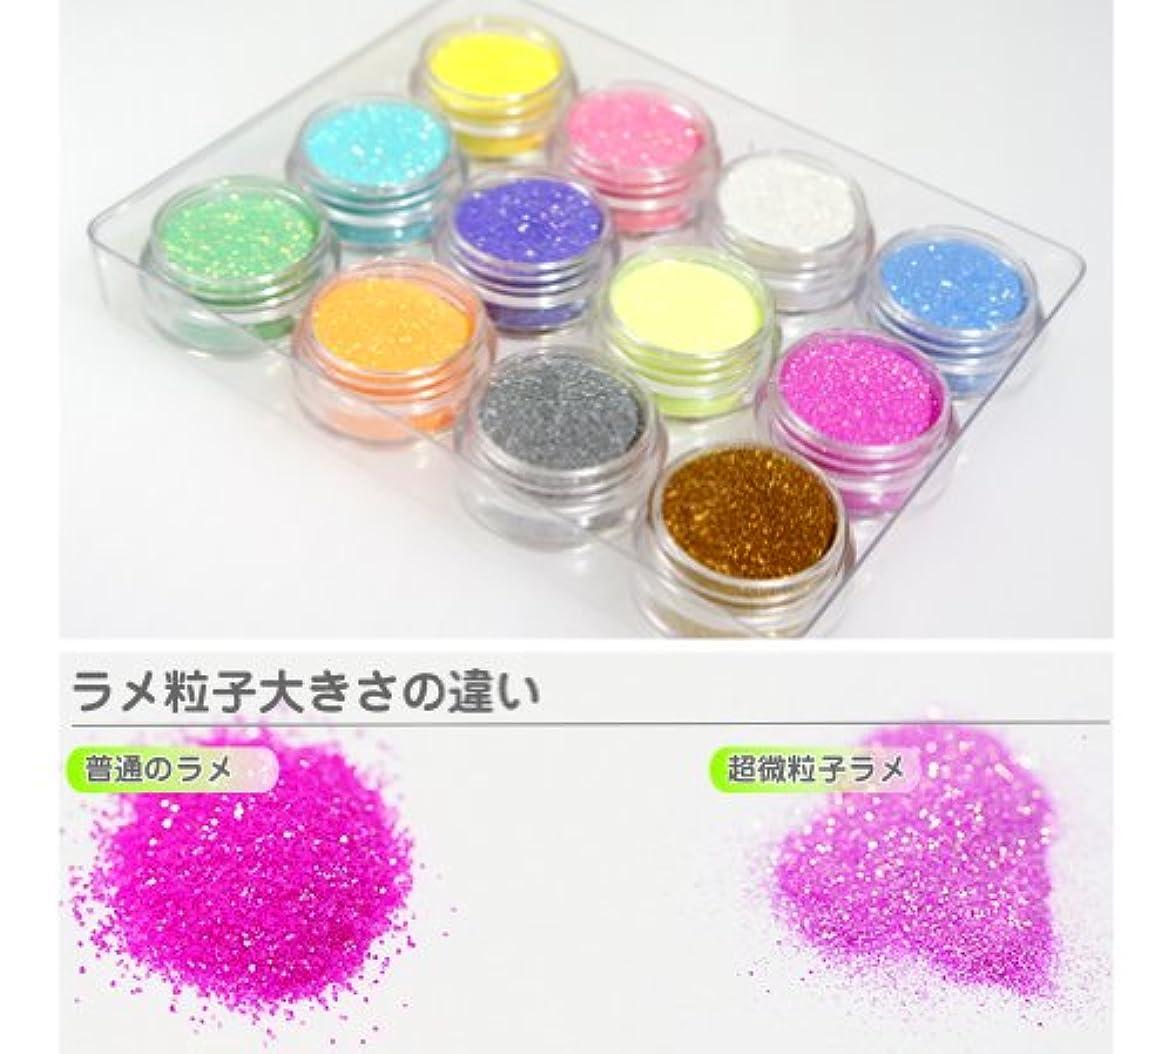 出会い予防接種ゲームネオコレクションオリジナル☆超微粒子ラメパウダー0.1mm、砂のようにサラサラで抜群の発色 ジェルネイルアートに!